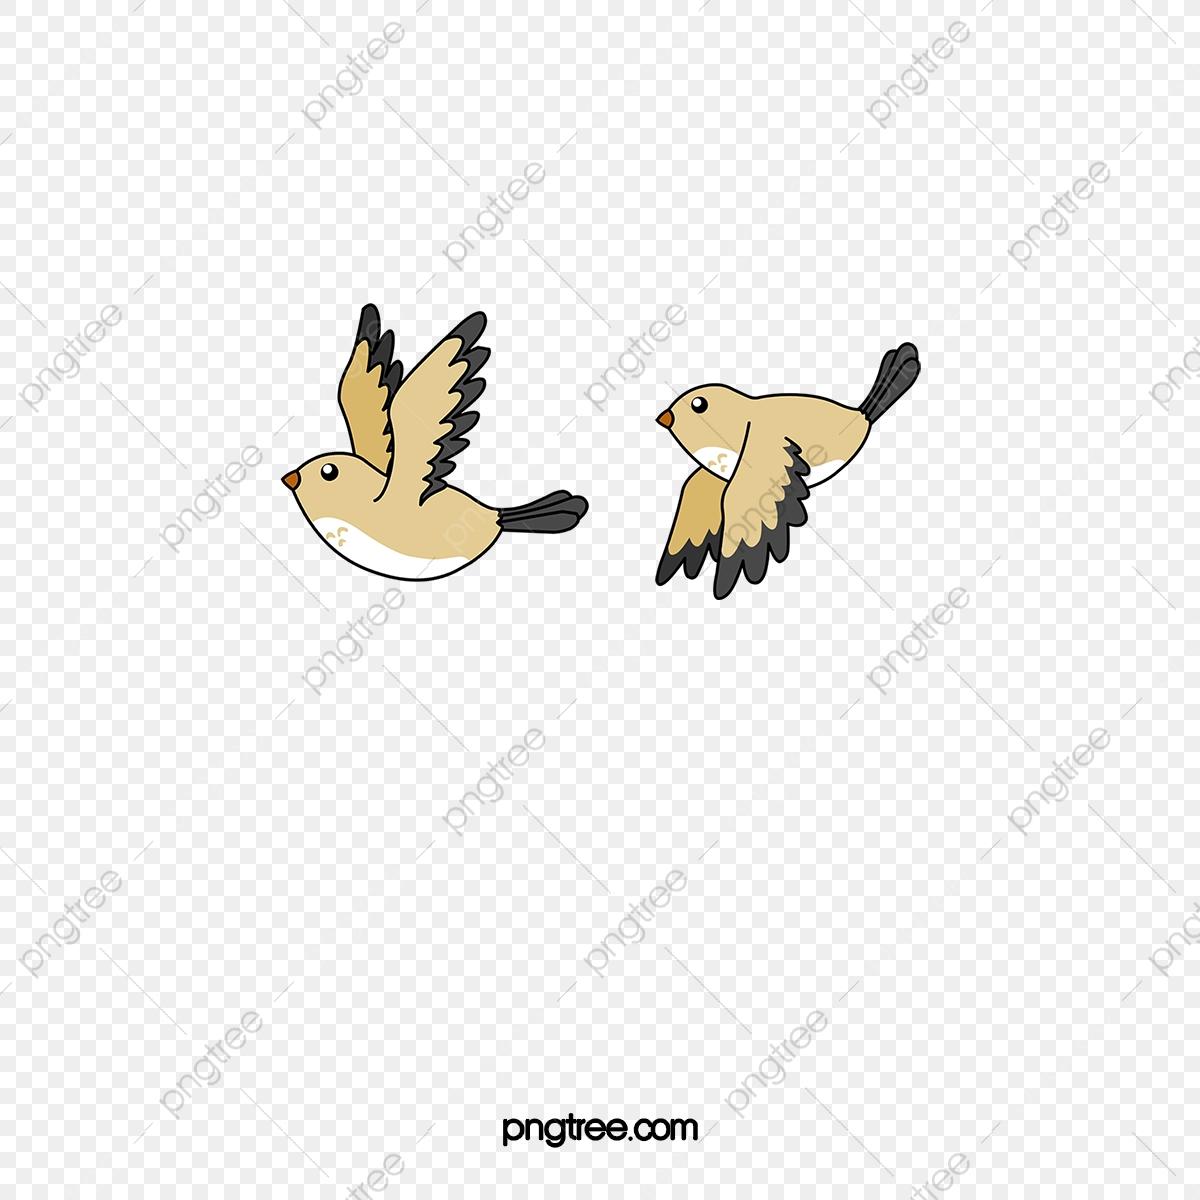 Oiseau Vol D'oiseau, Petit Oiseau, Animal, Volaille Fichier serapportantà Vol Petit Oiseau